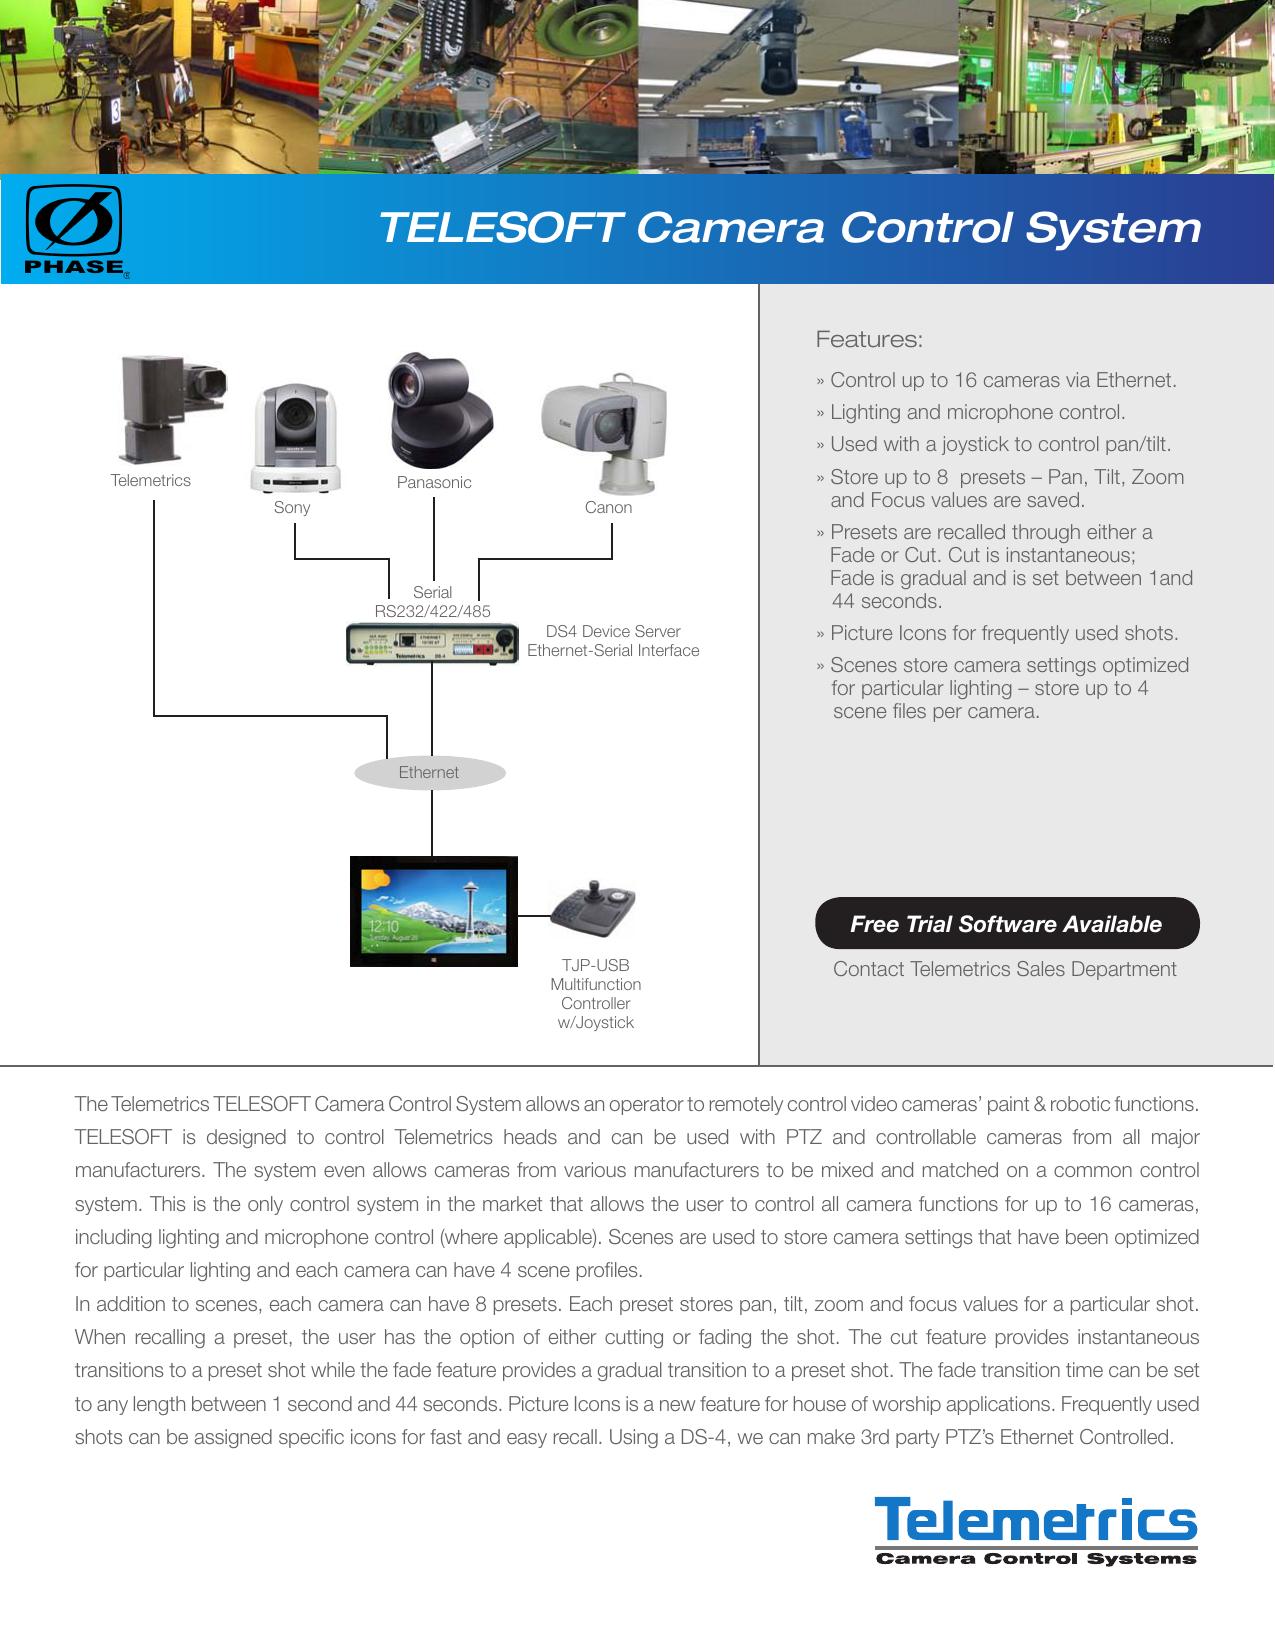 TELESOFT Camera Control System | manualzz com